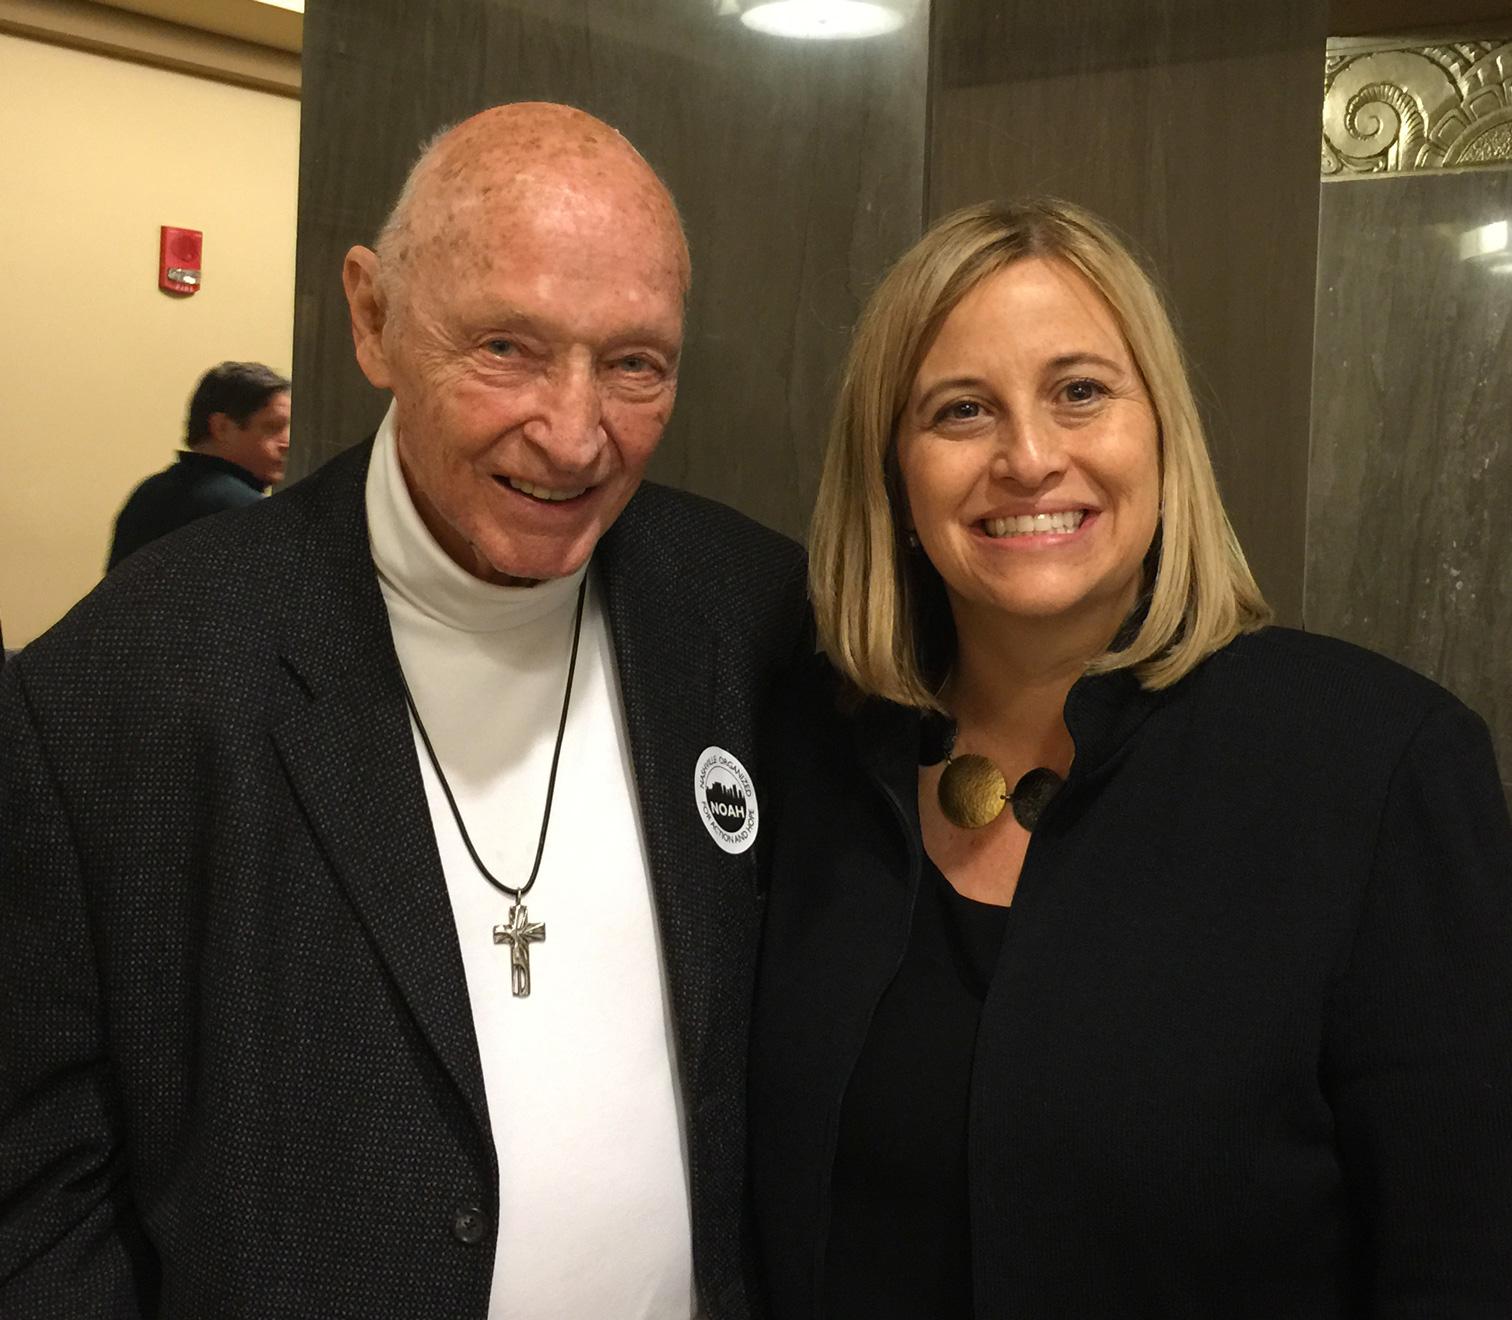 Bill-Barnes-and-Megan-Barry.jpg